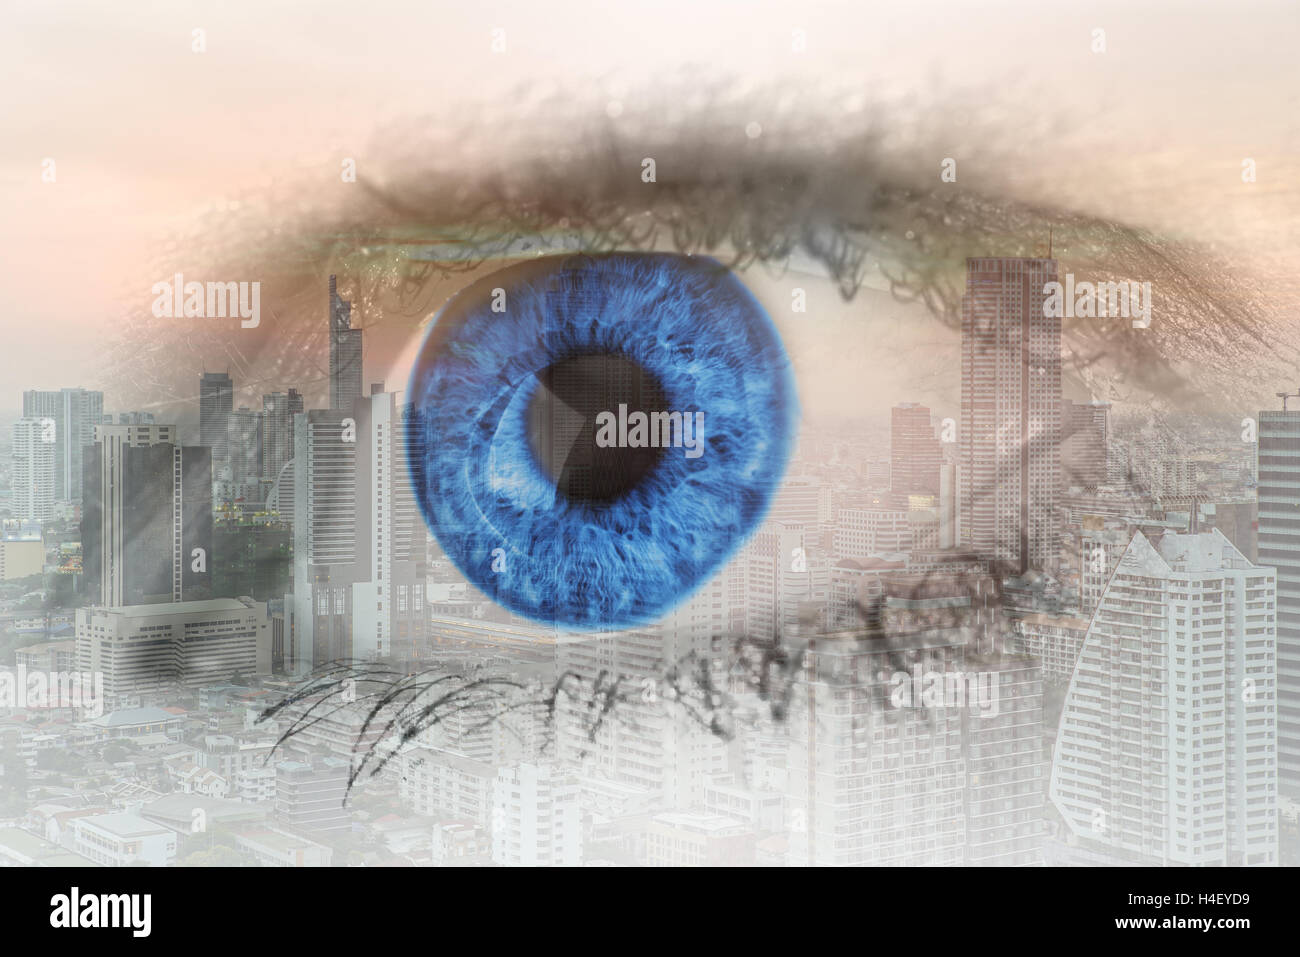 Doppelbelichtung Bild des menschlichen Auges mit Zentrum Geschäftsviertel Bangkok Stadt. Zukünftige Geschäftsidee. Stockbild